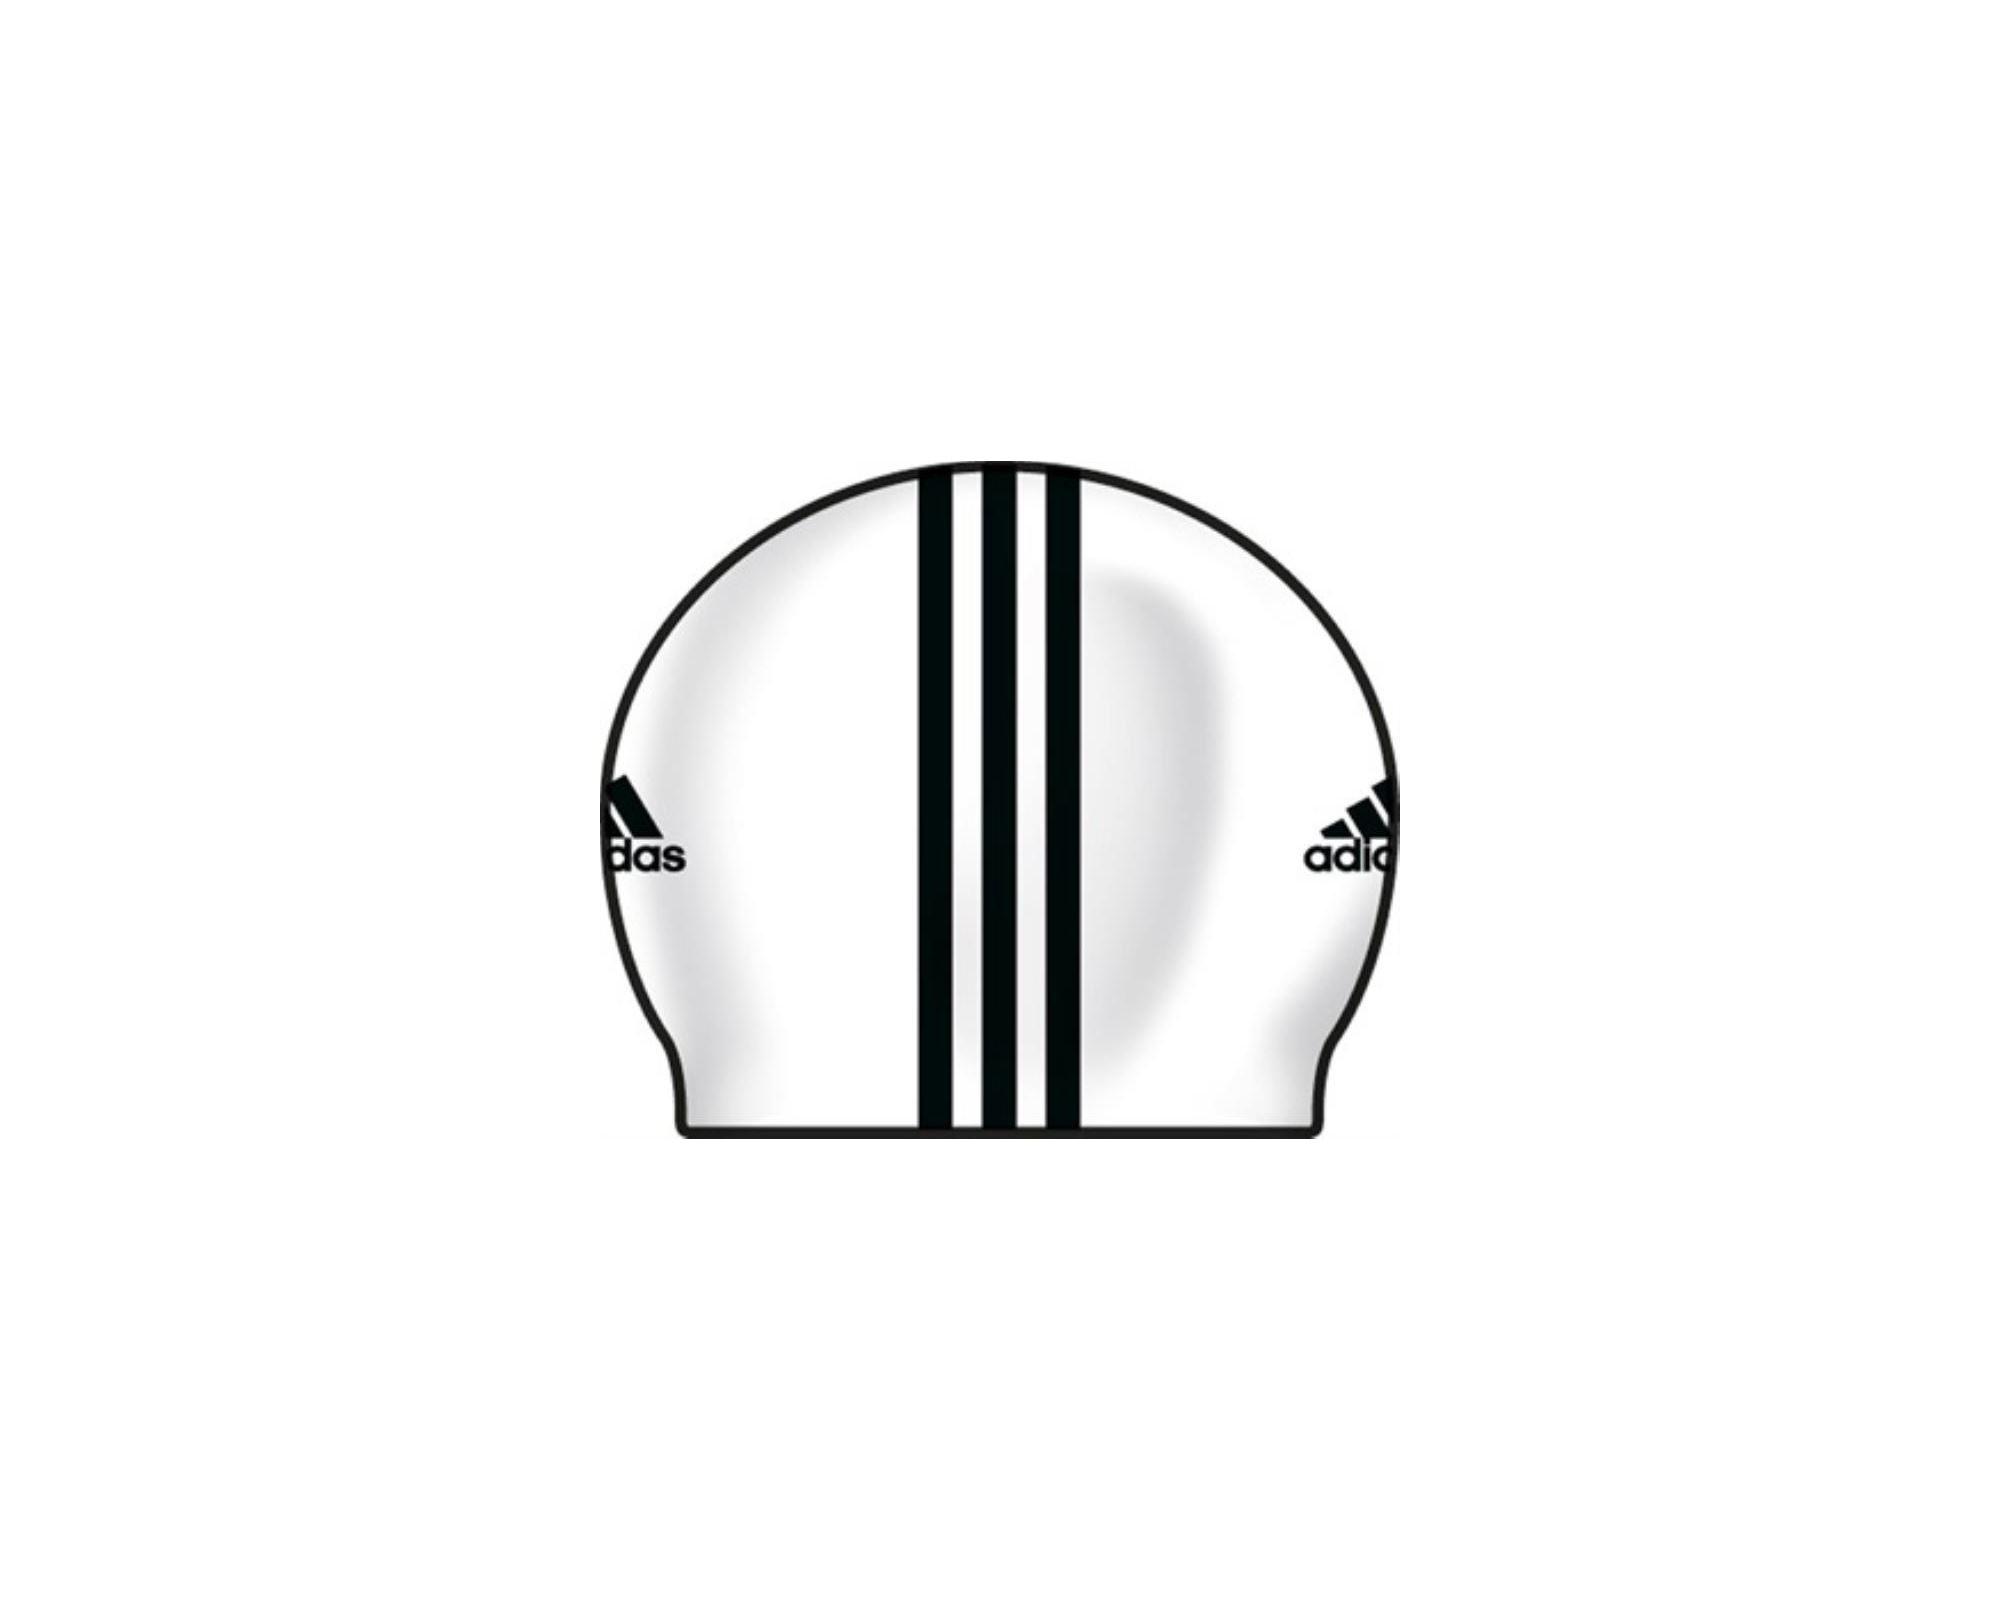 3-Stripes Beyaz Silikon Yüzücü Bonesi